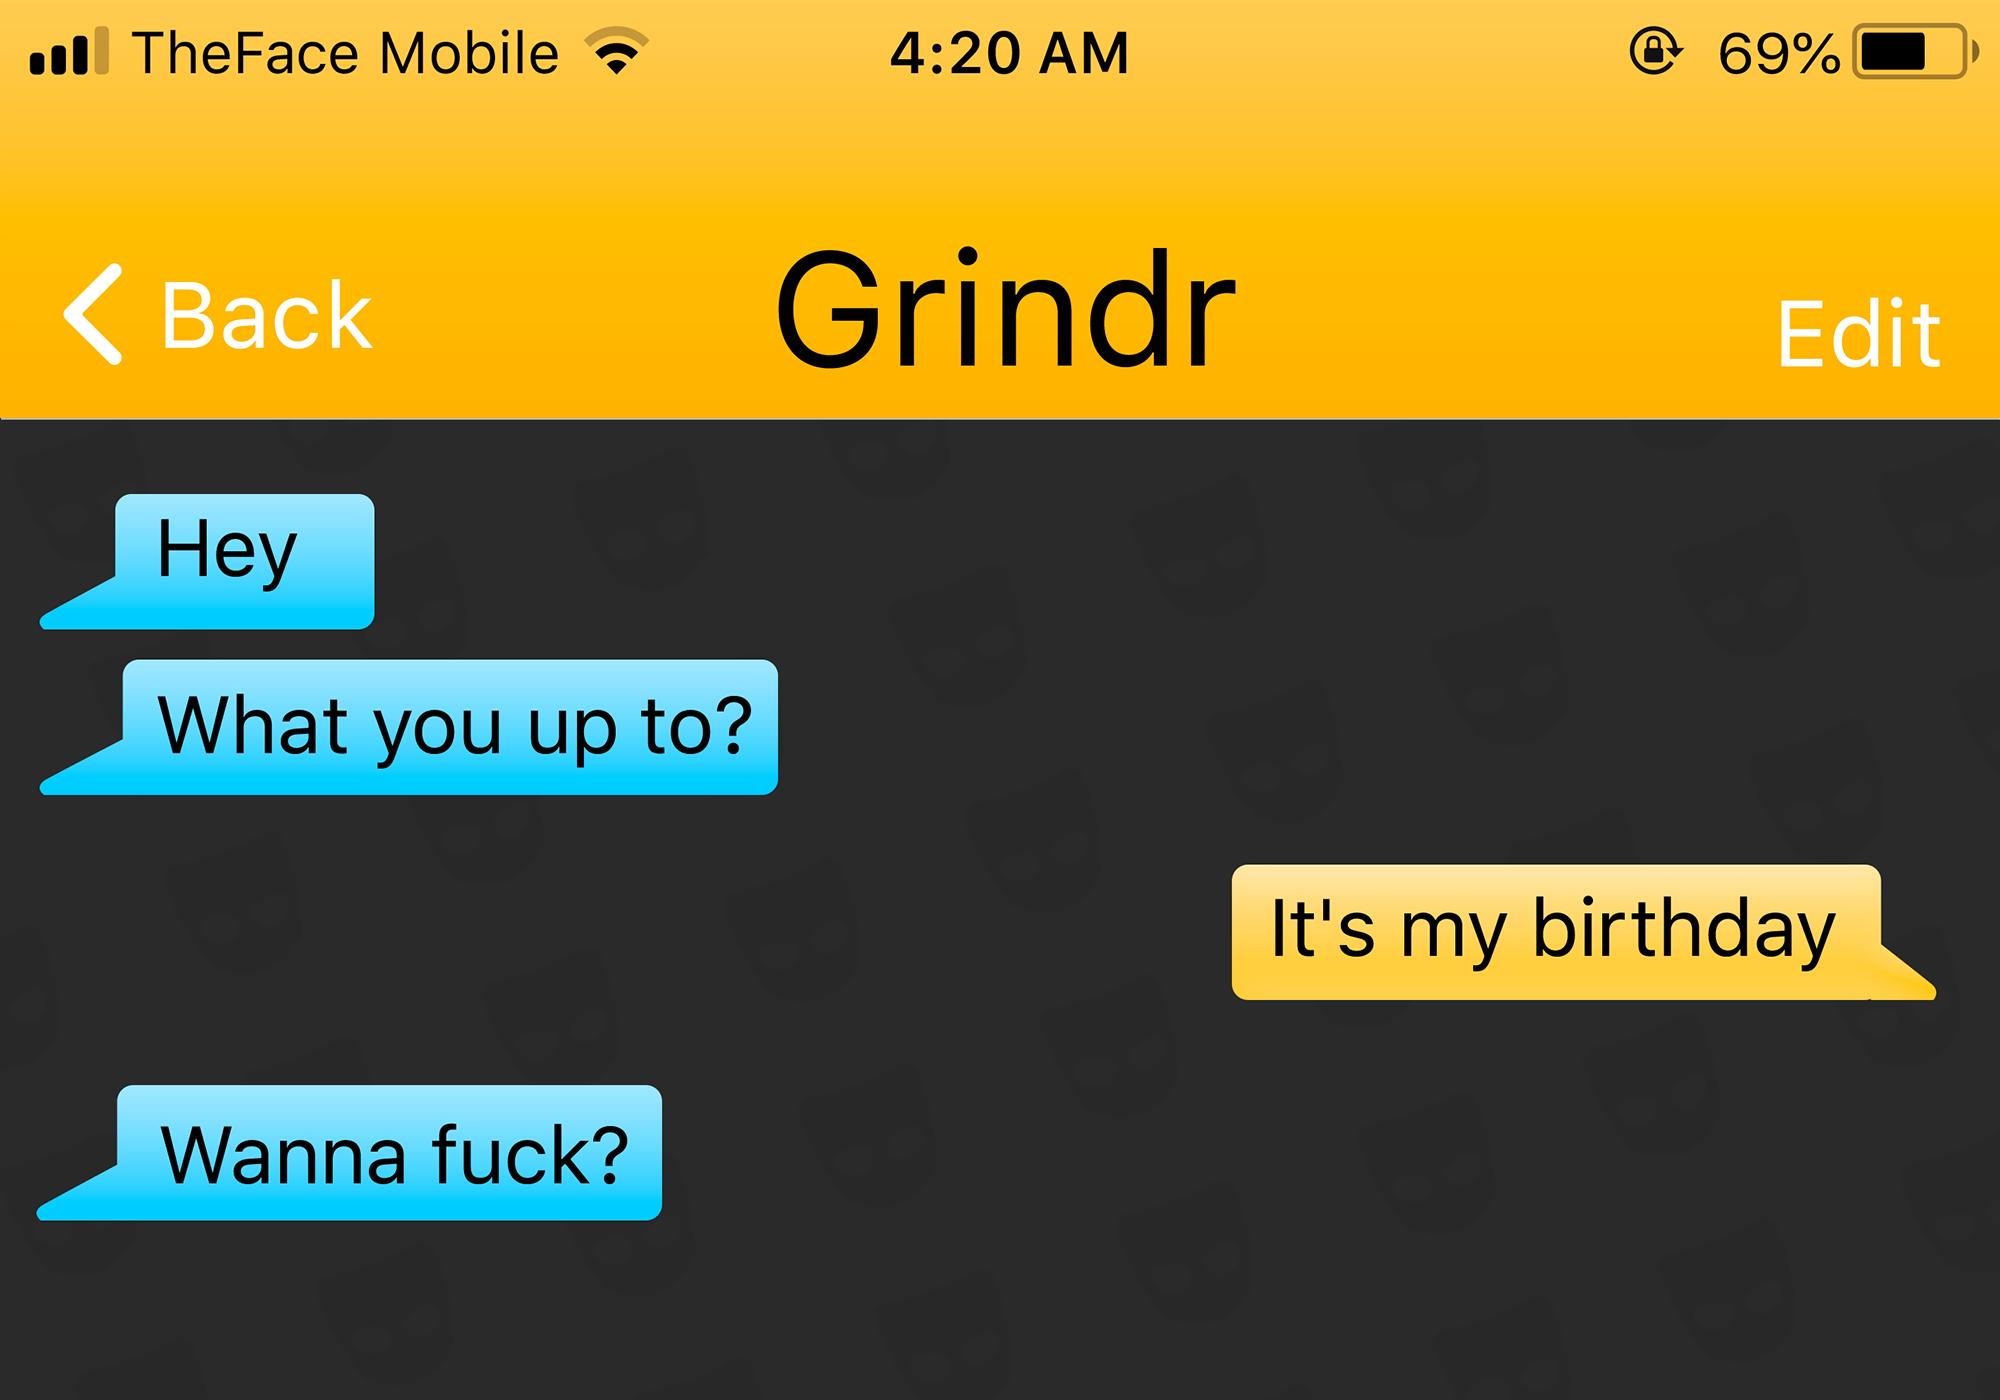 Straight dating app zoals grindr 16 + dating sites Verenigd Koninkrijk